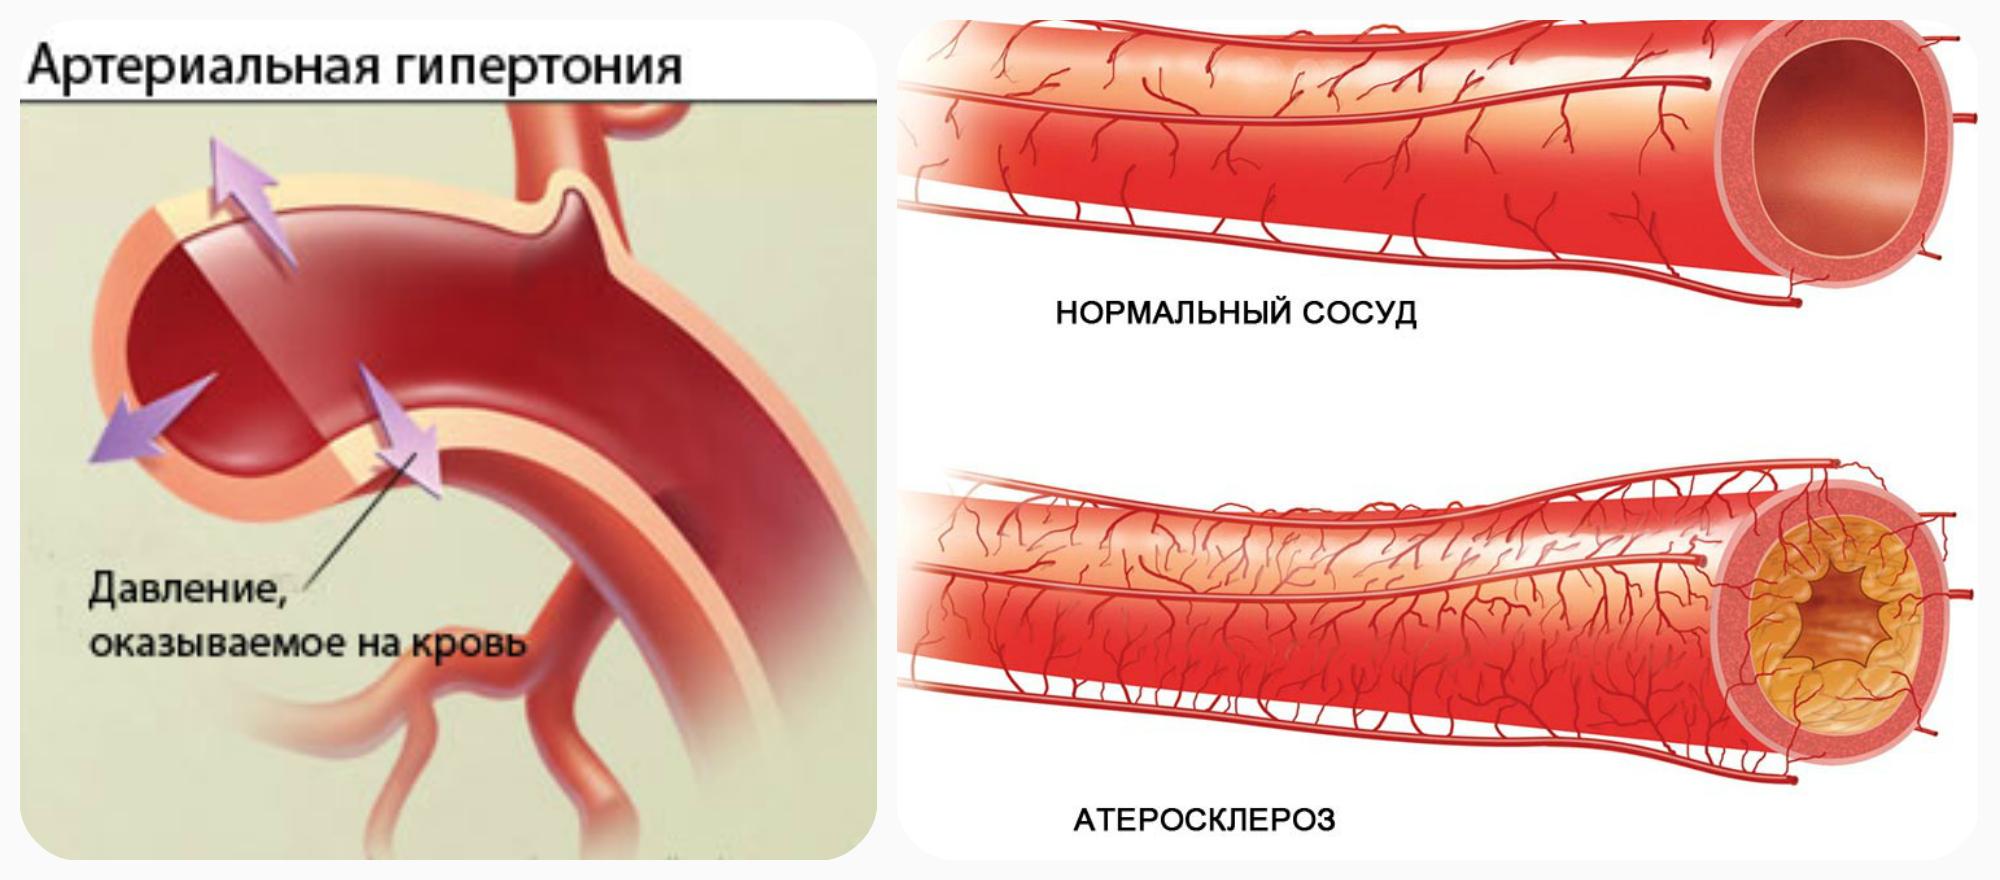 гипертония и атеросклероз